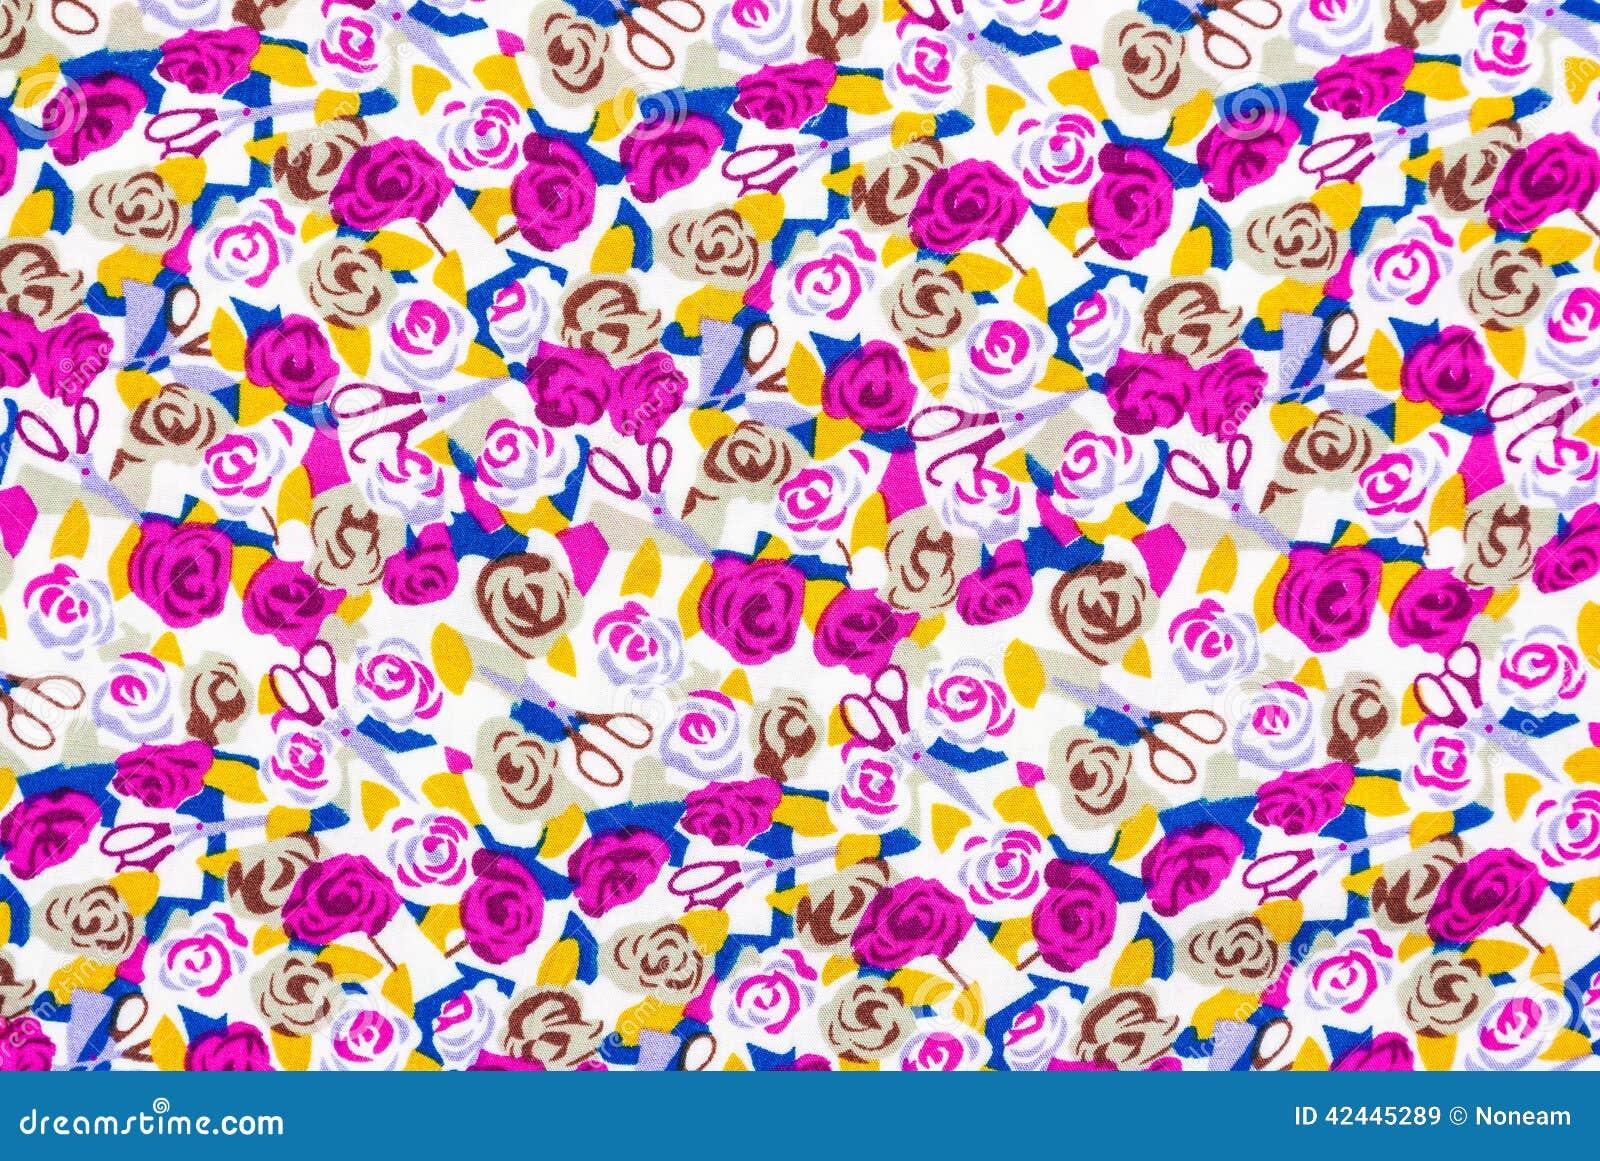 Textura púrpura del fondo de las rosas y de las tijeras